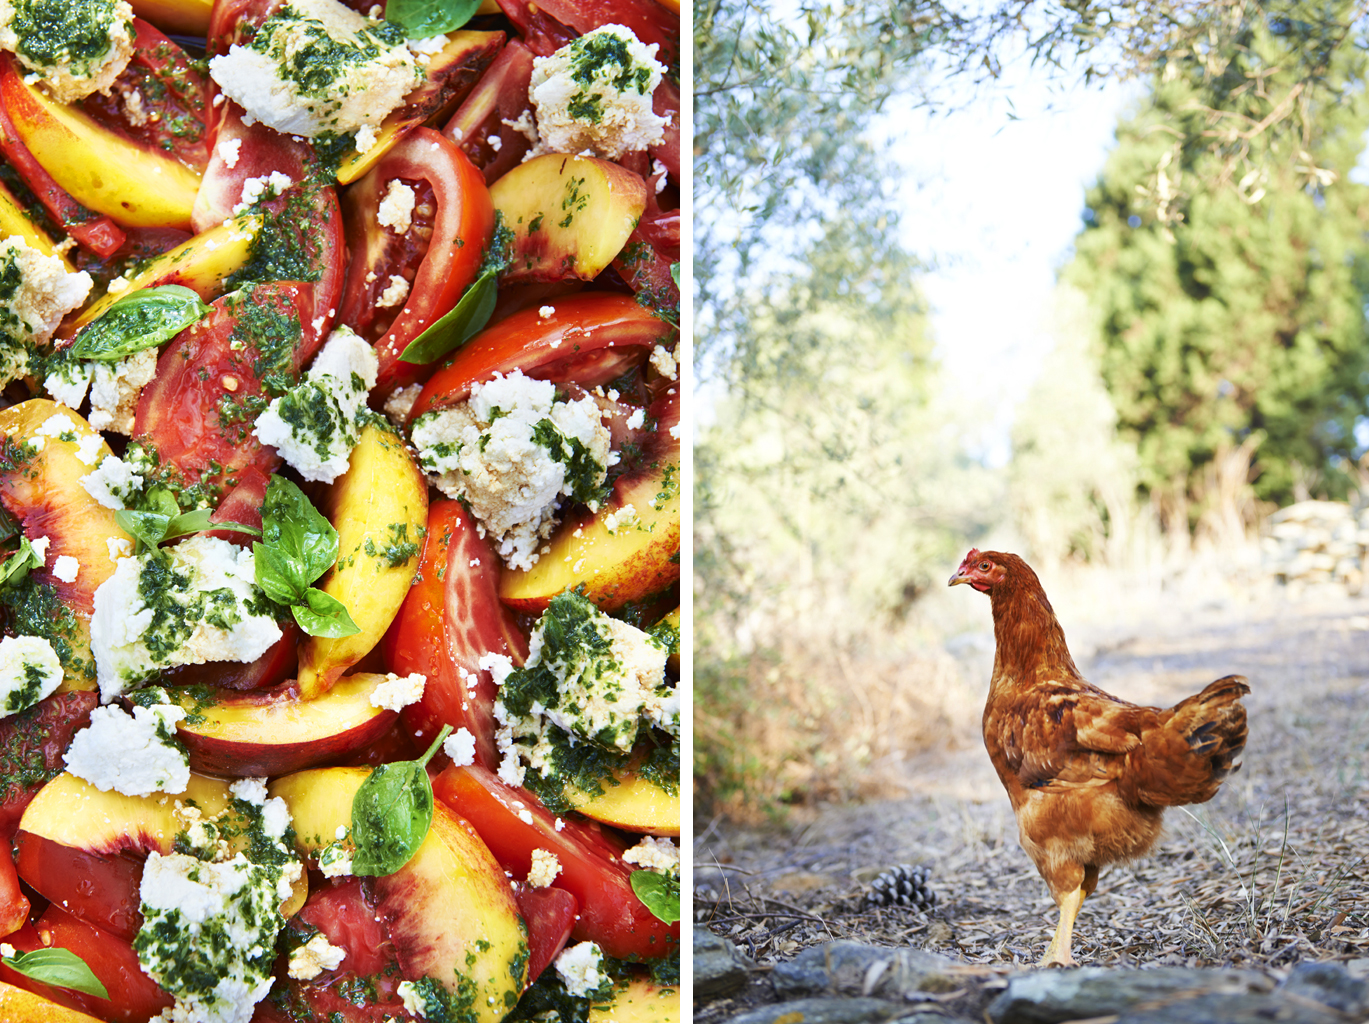 Tomato and Nectarine Salad